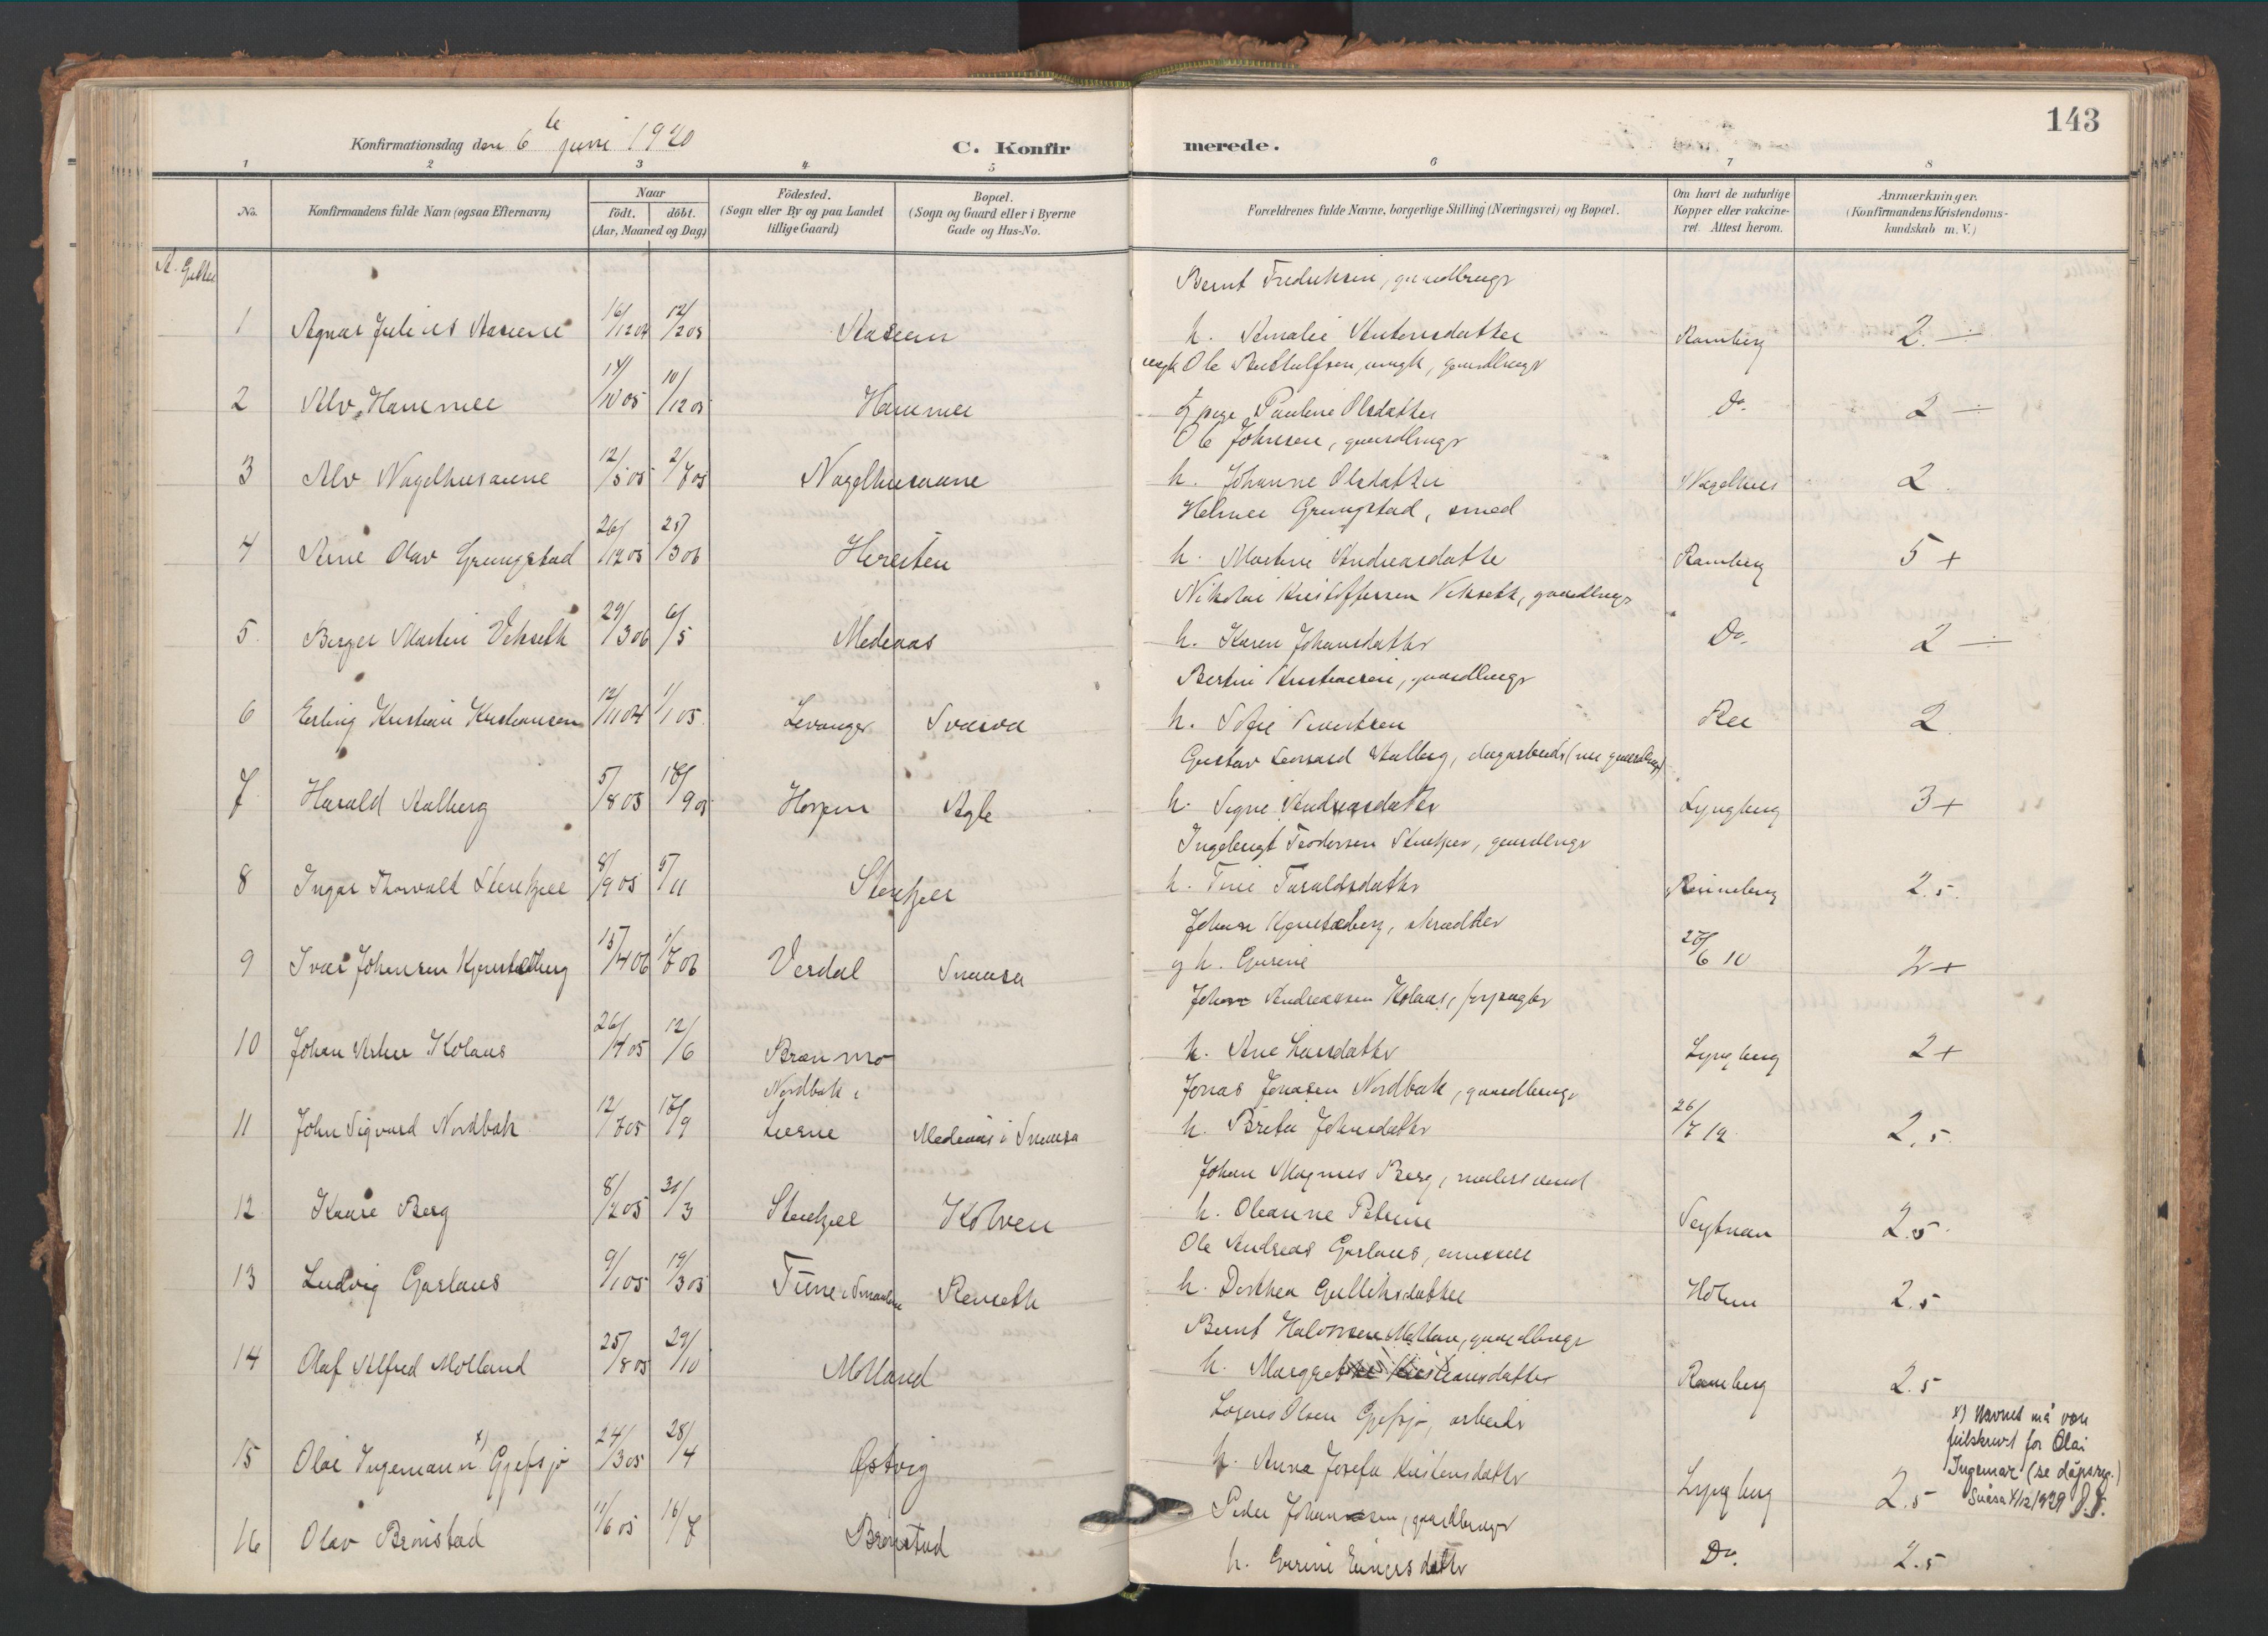 SAT, Ministerialprotokoller, klokkerbøker og fødselsregistre - Nord-Trøndelag, 749/L0477: Ministerialbok nr. 749A11, 1902-1927, s. 143